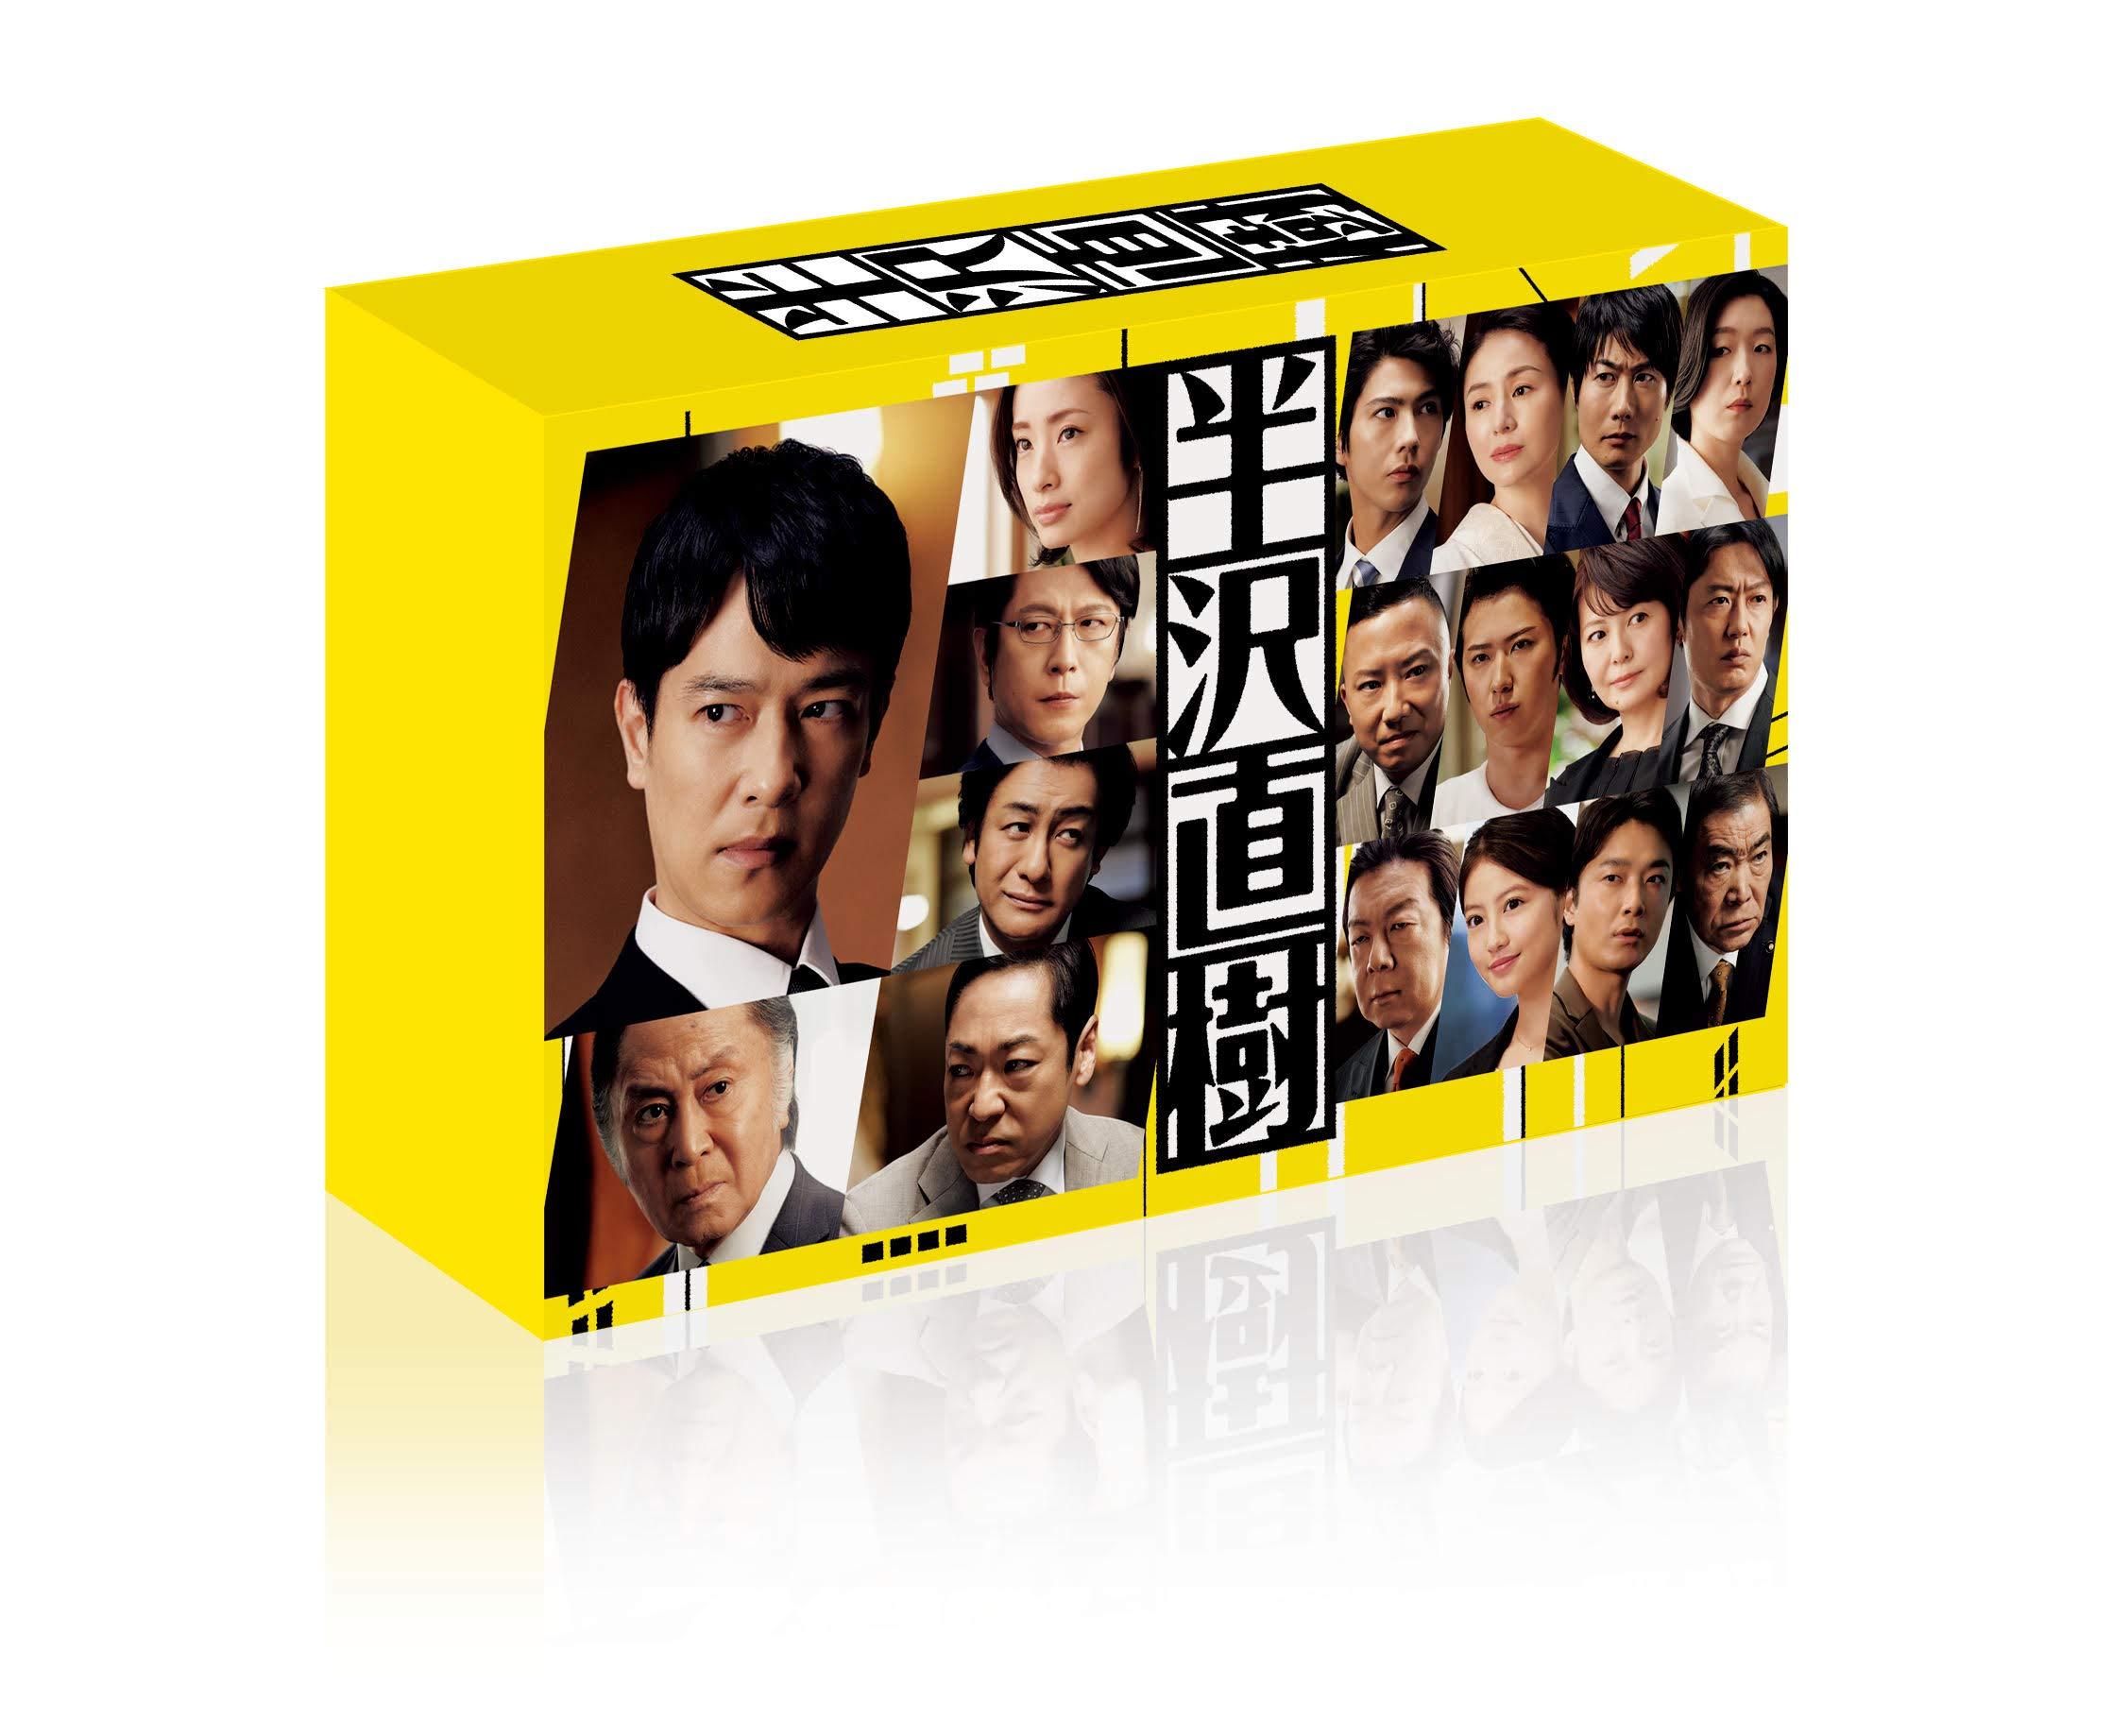 旋風を巻き起こした半沢直樹(2020年版)がディレクターズカット版となってブルーレイ&DVD BOXで登場!【2021年1月29日発売!】全話に未公開映像収録!店舗特典・割引情報